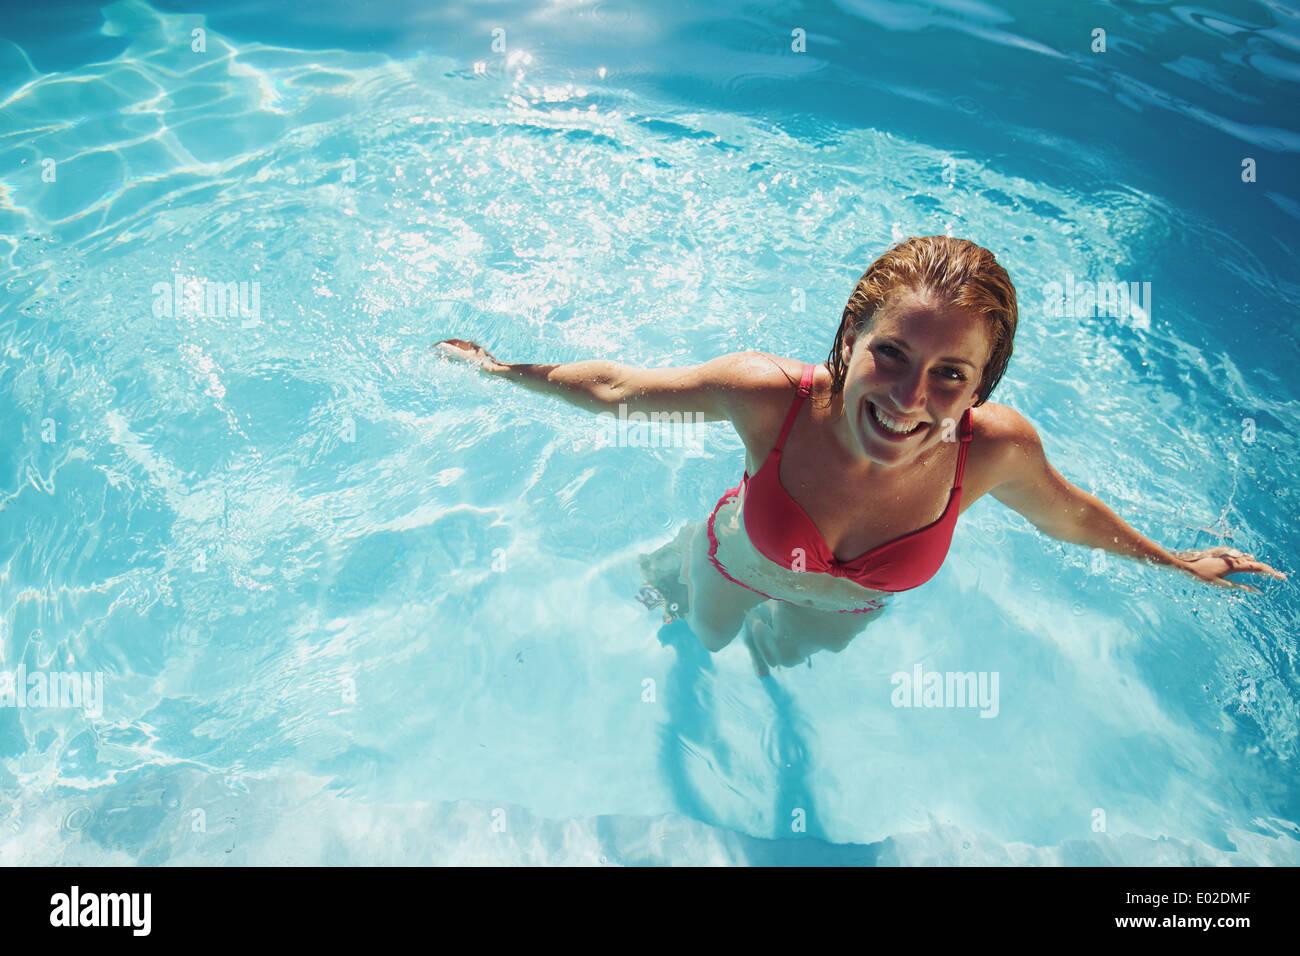 Jeune fille heureuse de vous détendre dans une piscine. Smiling young woman standing in maillots de piscine. Photo Stock